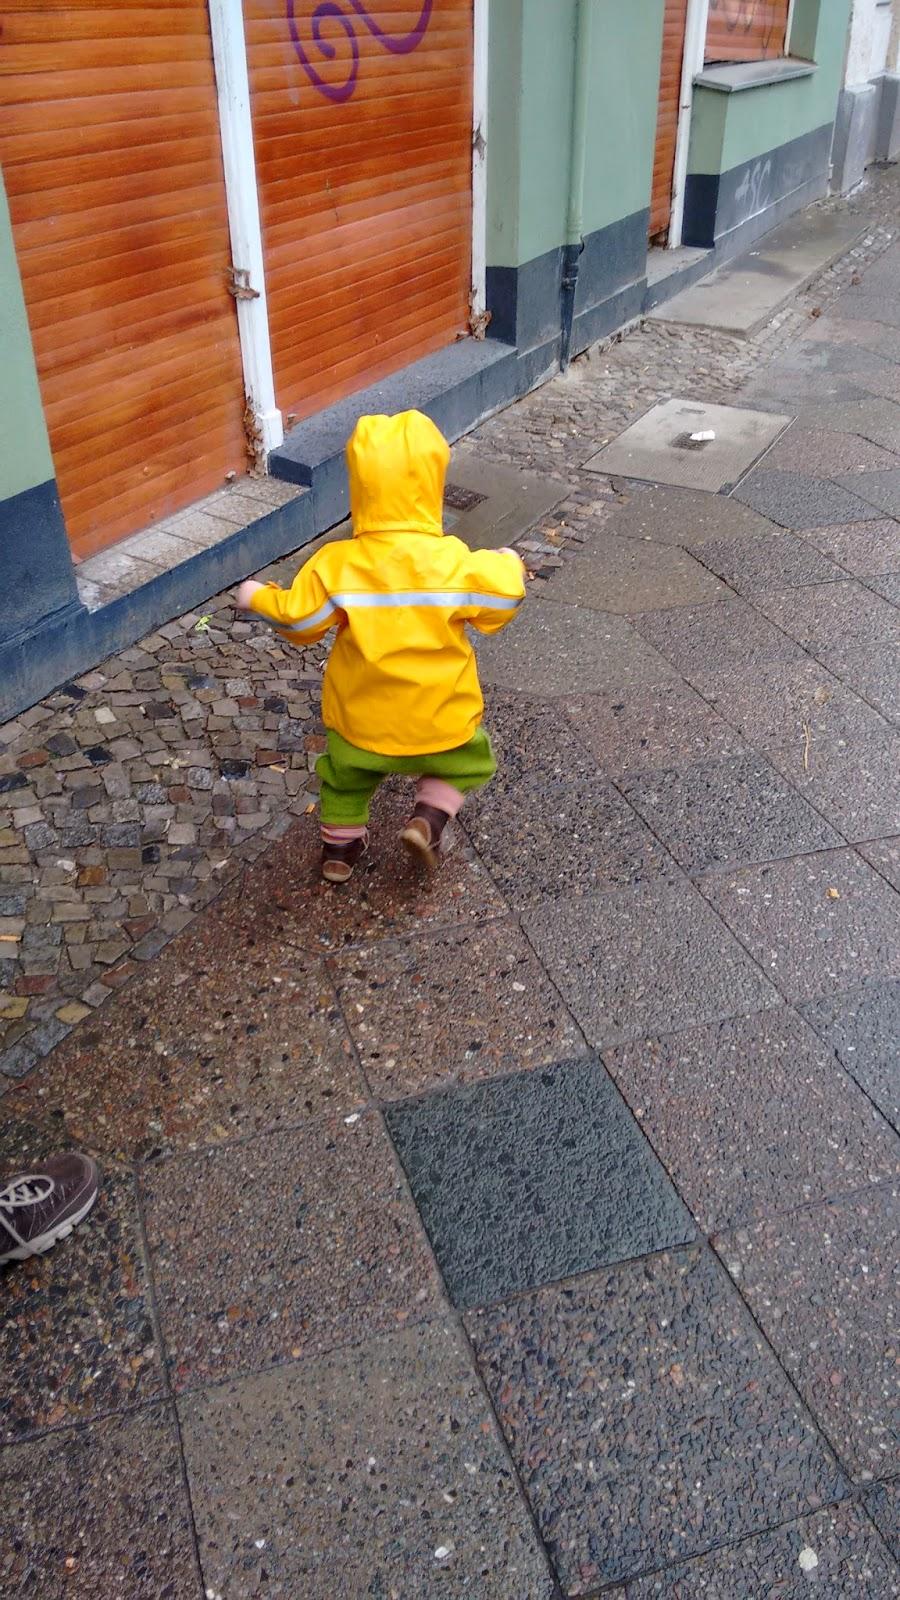 Terrorpüppi in Regensachen auf dem Gehweg